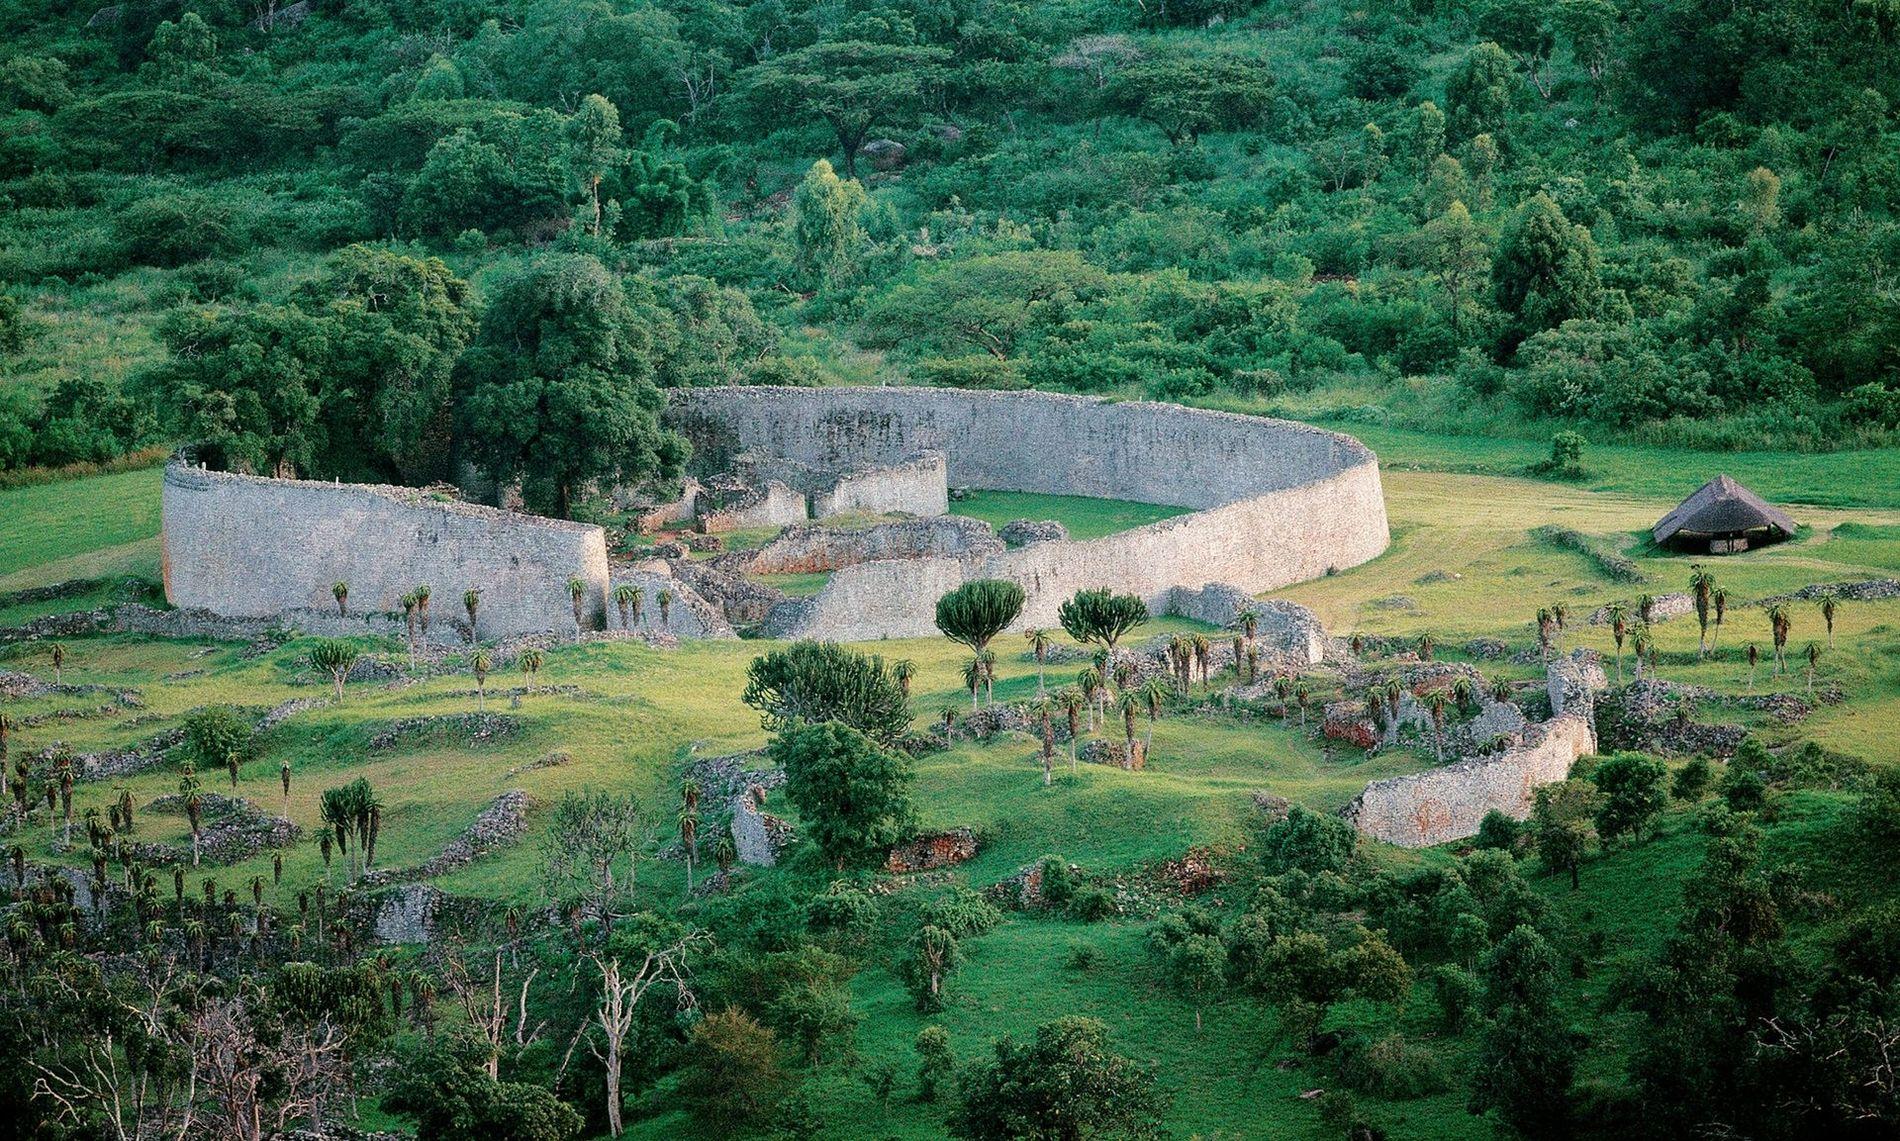 La large muraille qui constitue le Grand enclos du site du Grand Zimbabwe, construit entre le XIe et XVe siècle.